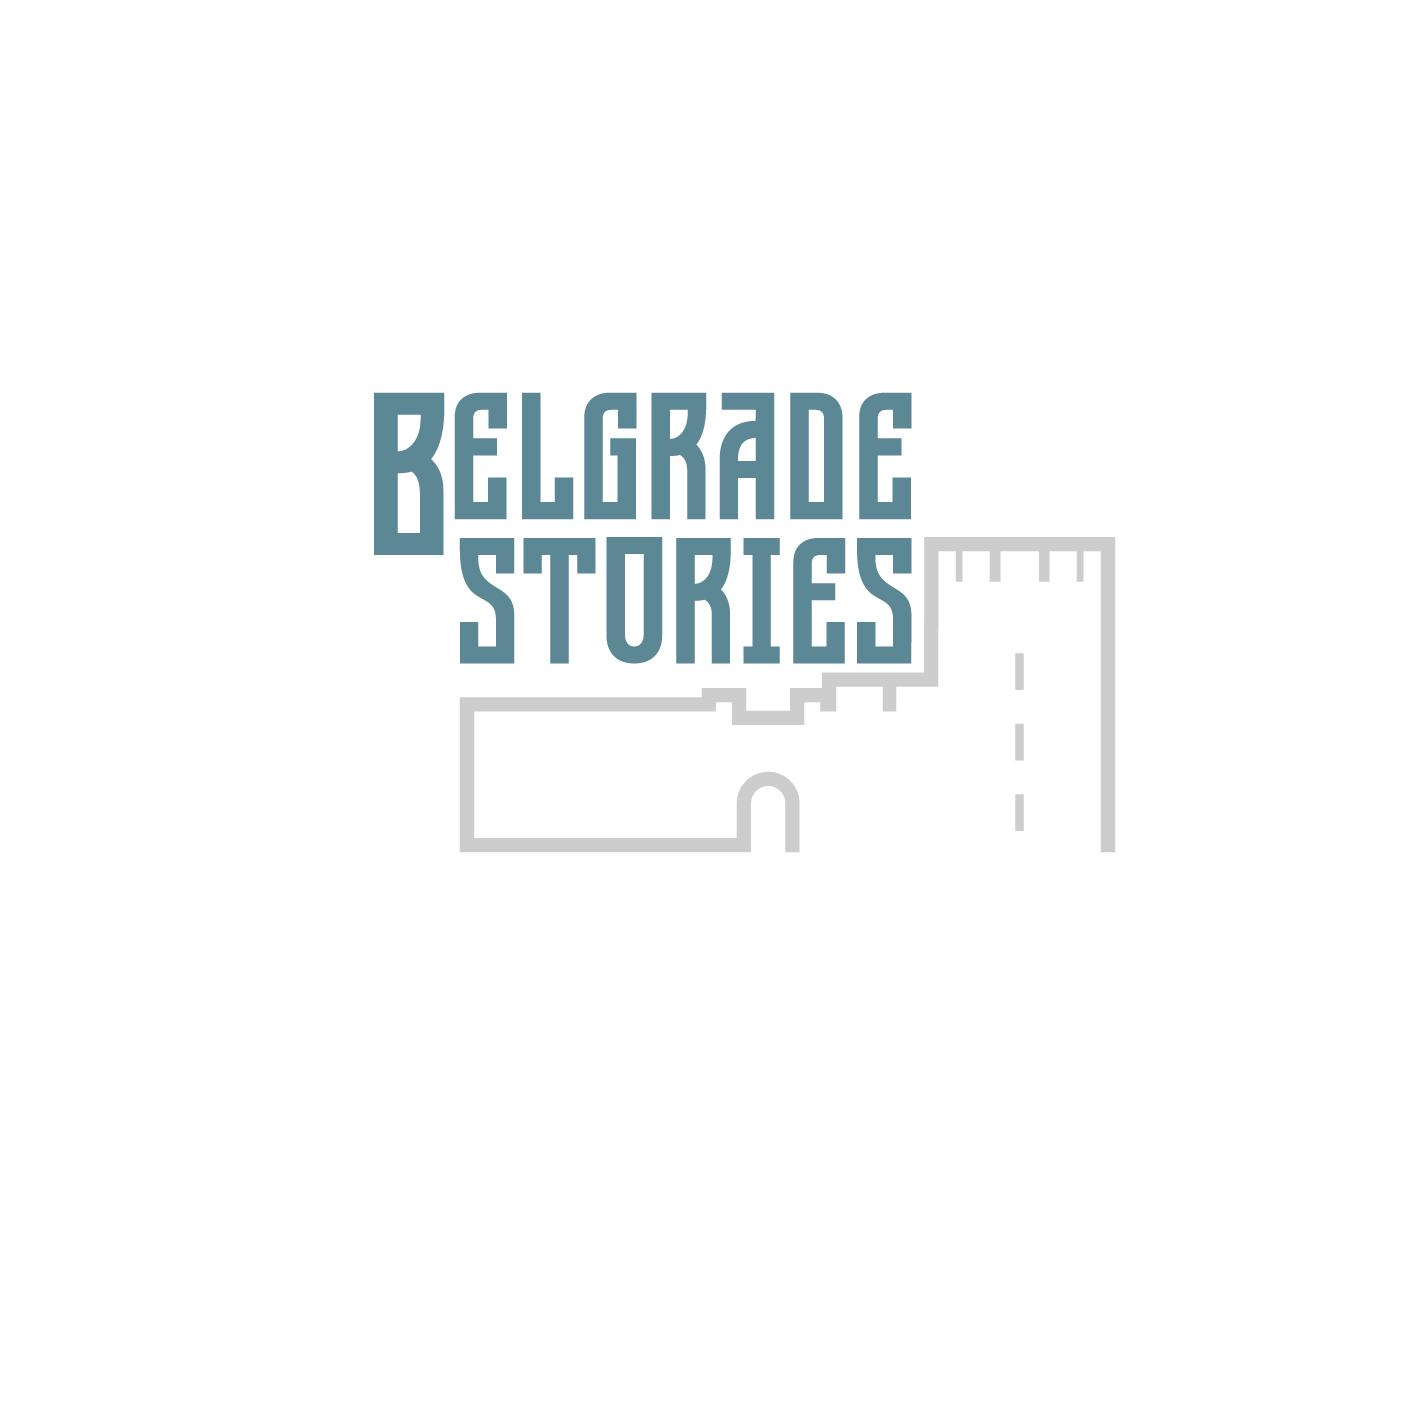 Логотип для агентства городских туров в Белграде фото f_620589089fe15aca.png